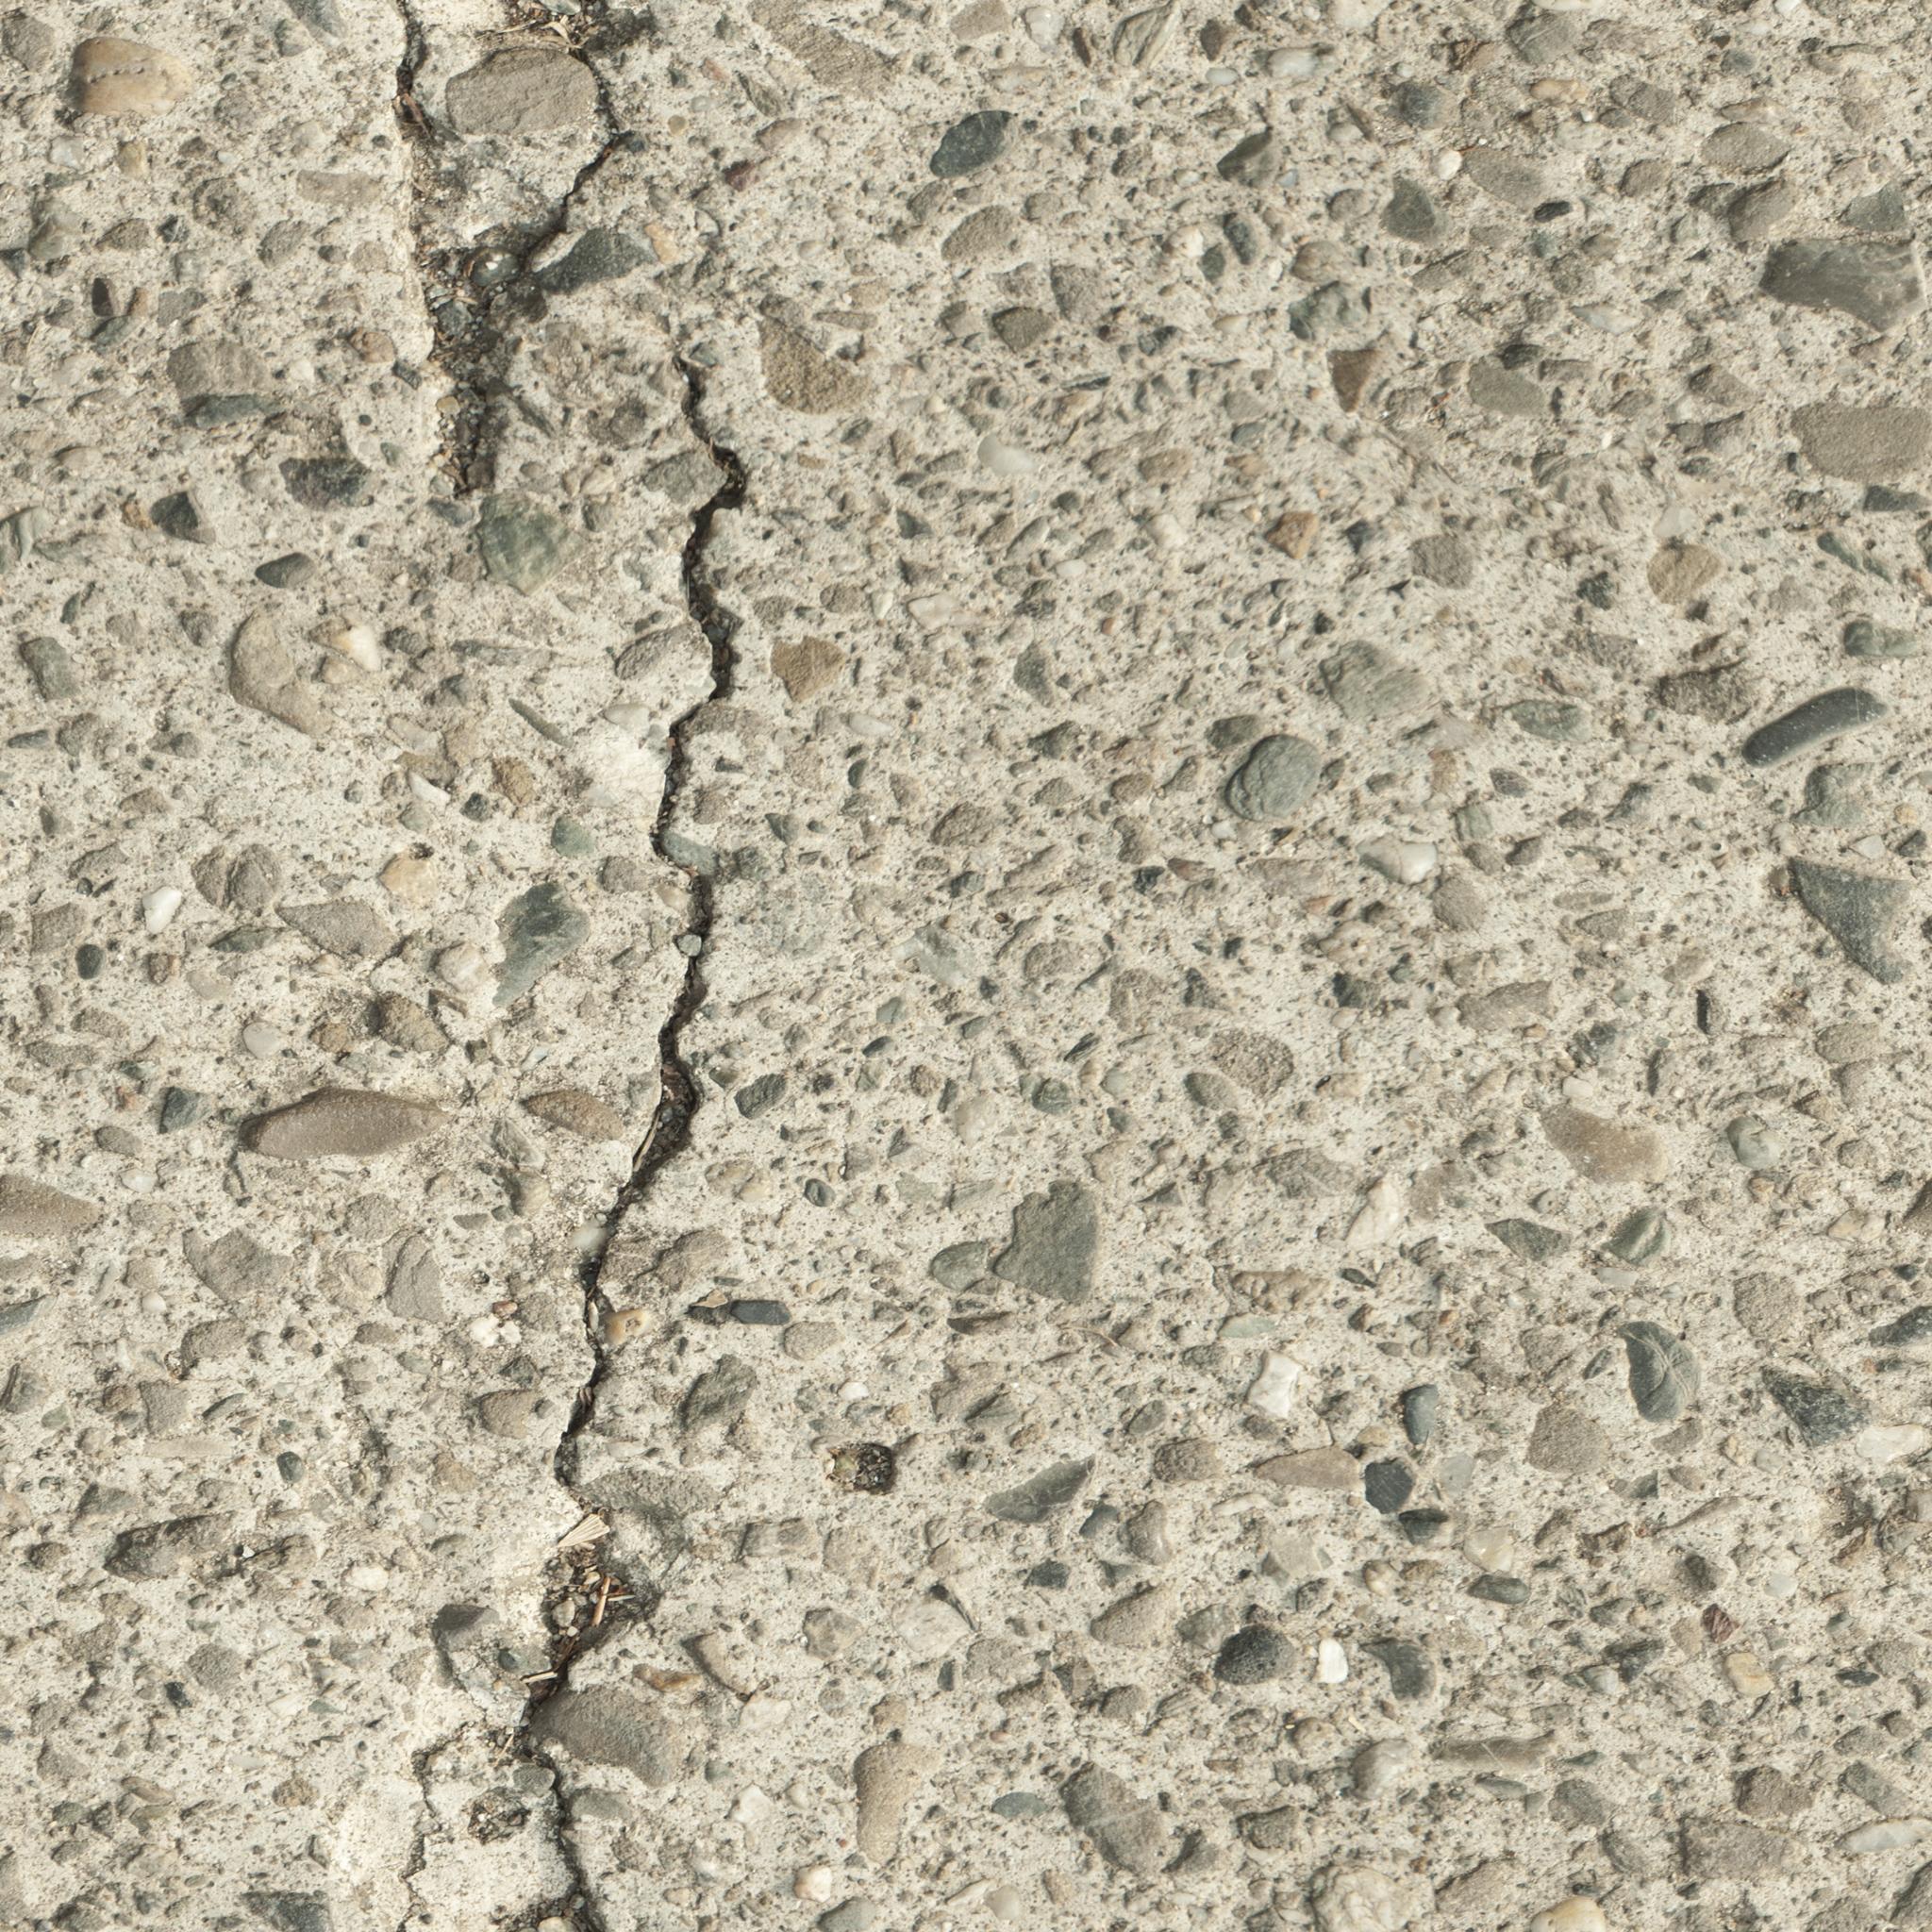 Cracked Coarse Concrete.jpg